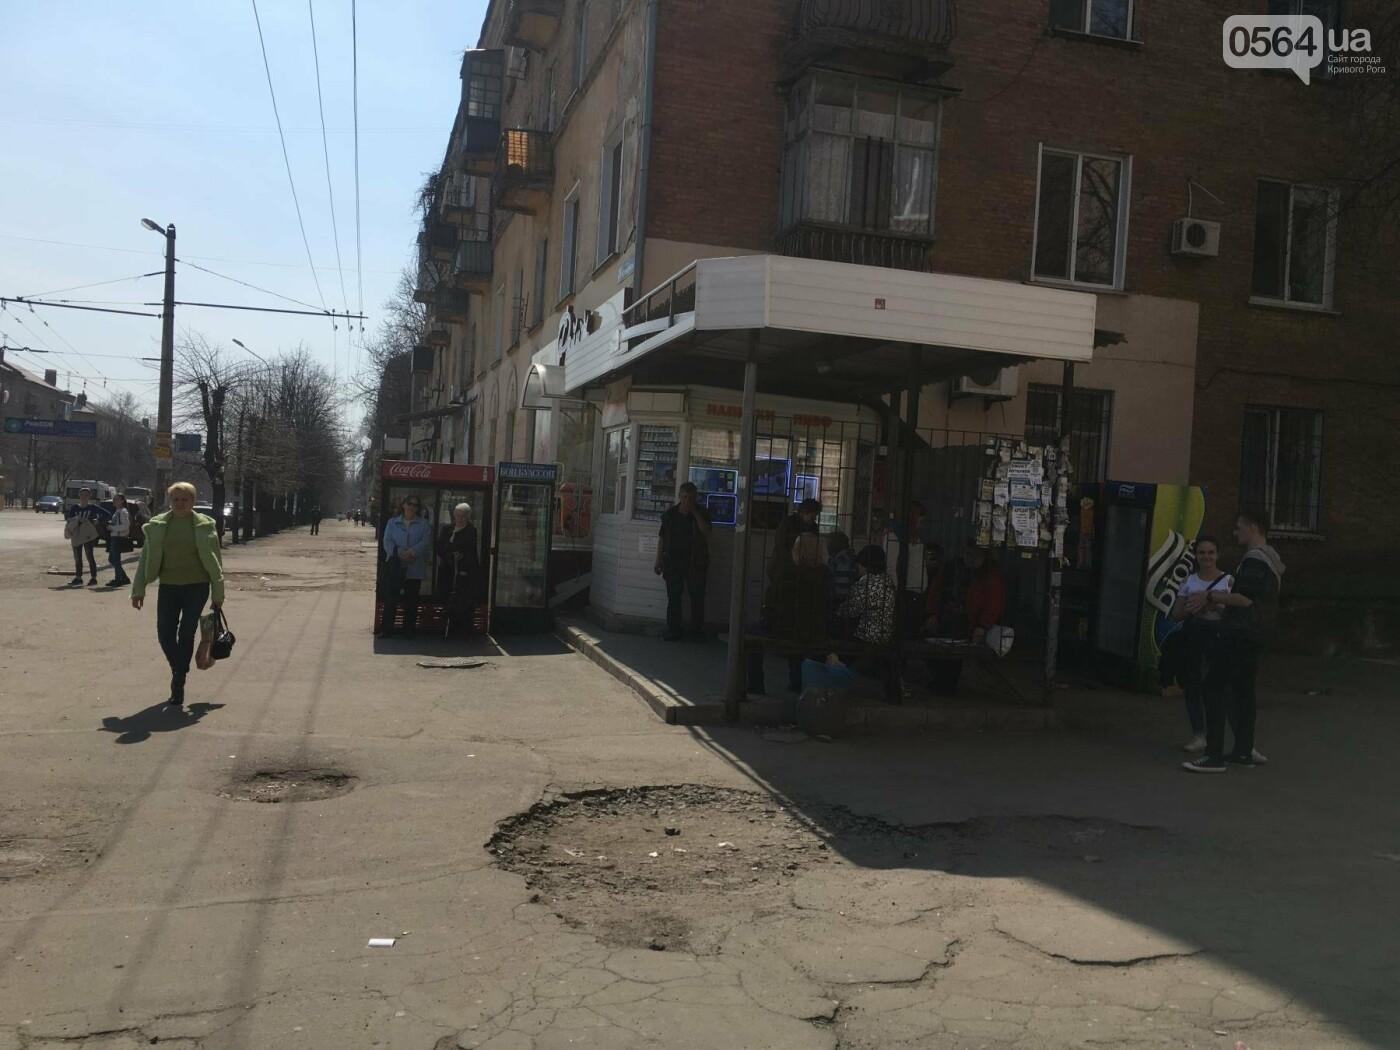 Криворожская правозащитница потребовала отремонтировать остановку так же быстро, как и дорожки перед райисполкомом (ФОТО), фото-4